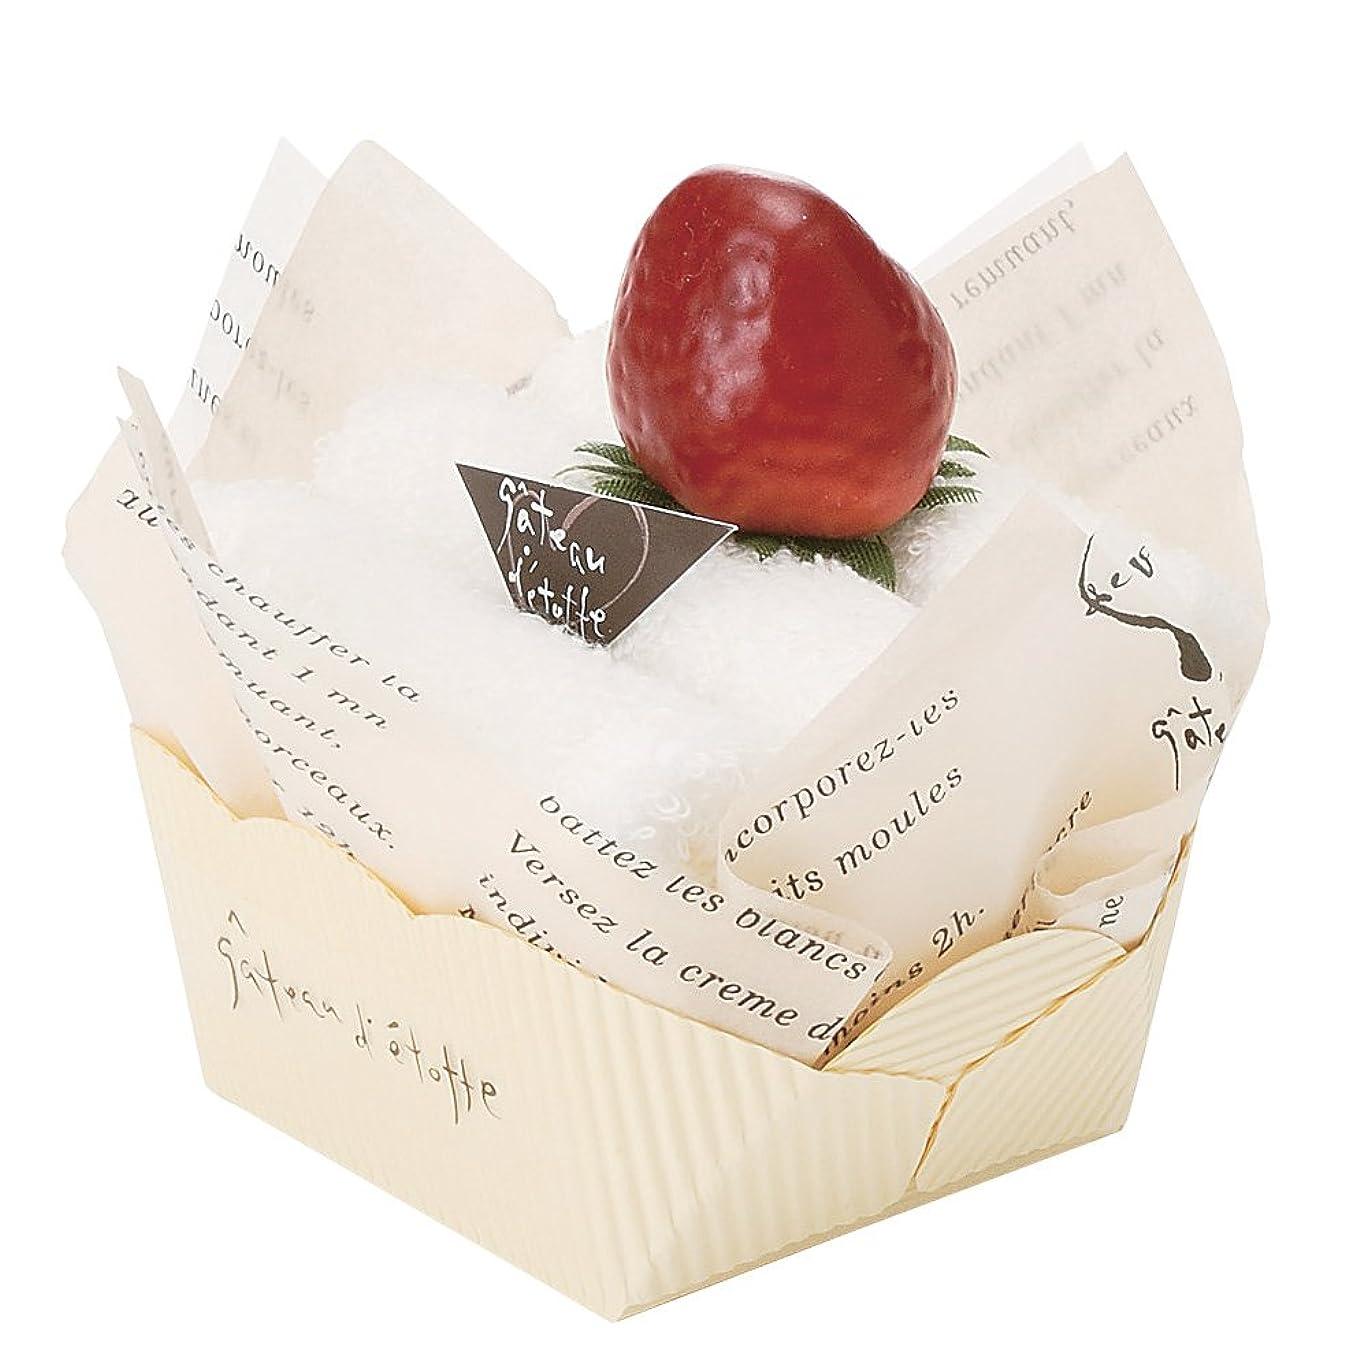 放送用量パースブラックボロウ日本ユーテンシル ガトーエトフタオル ショートケーキ イチゴ